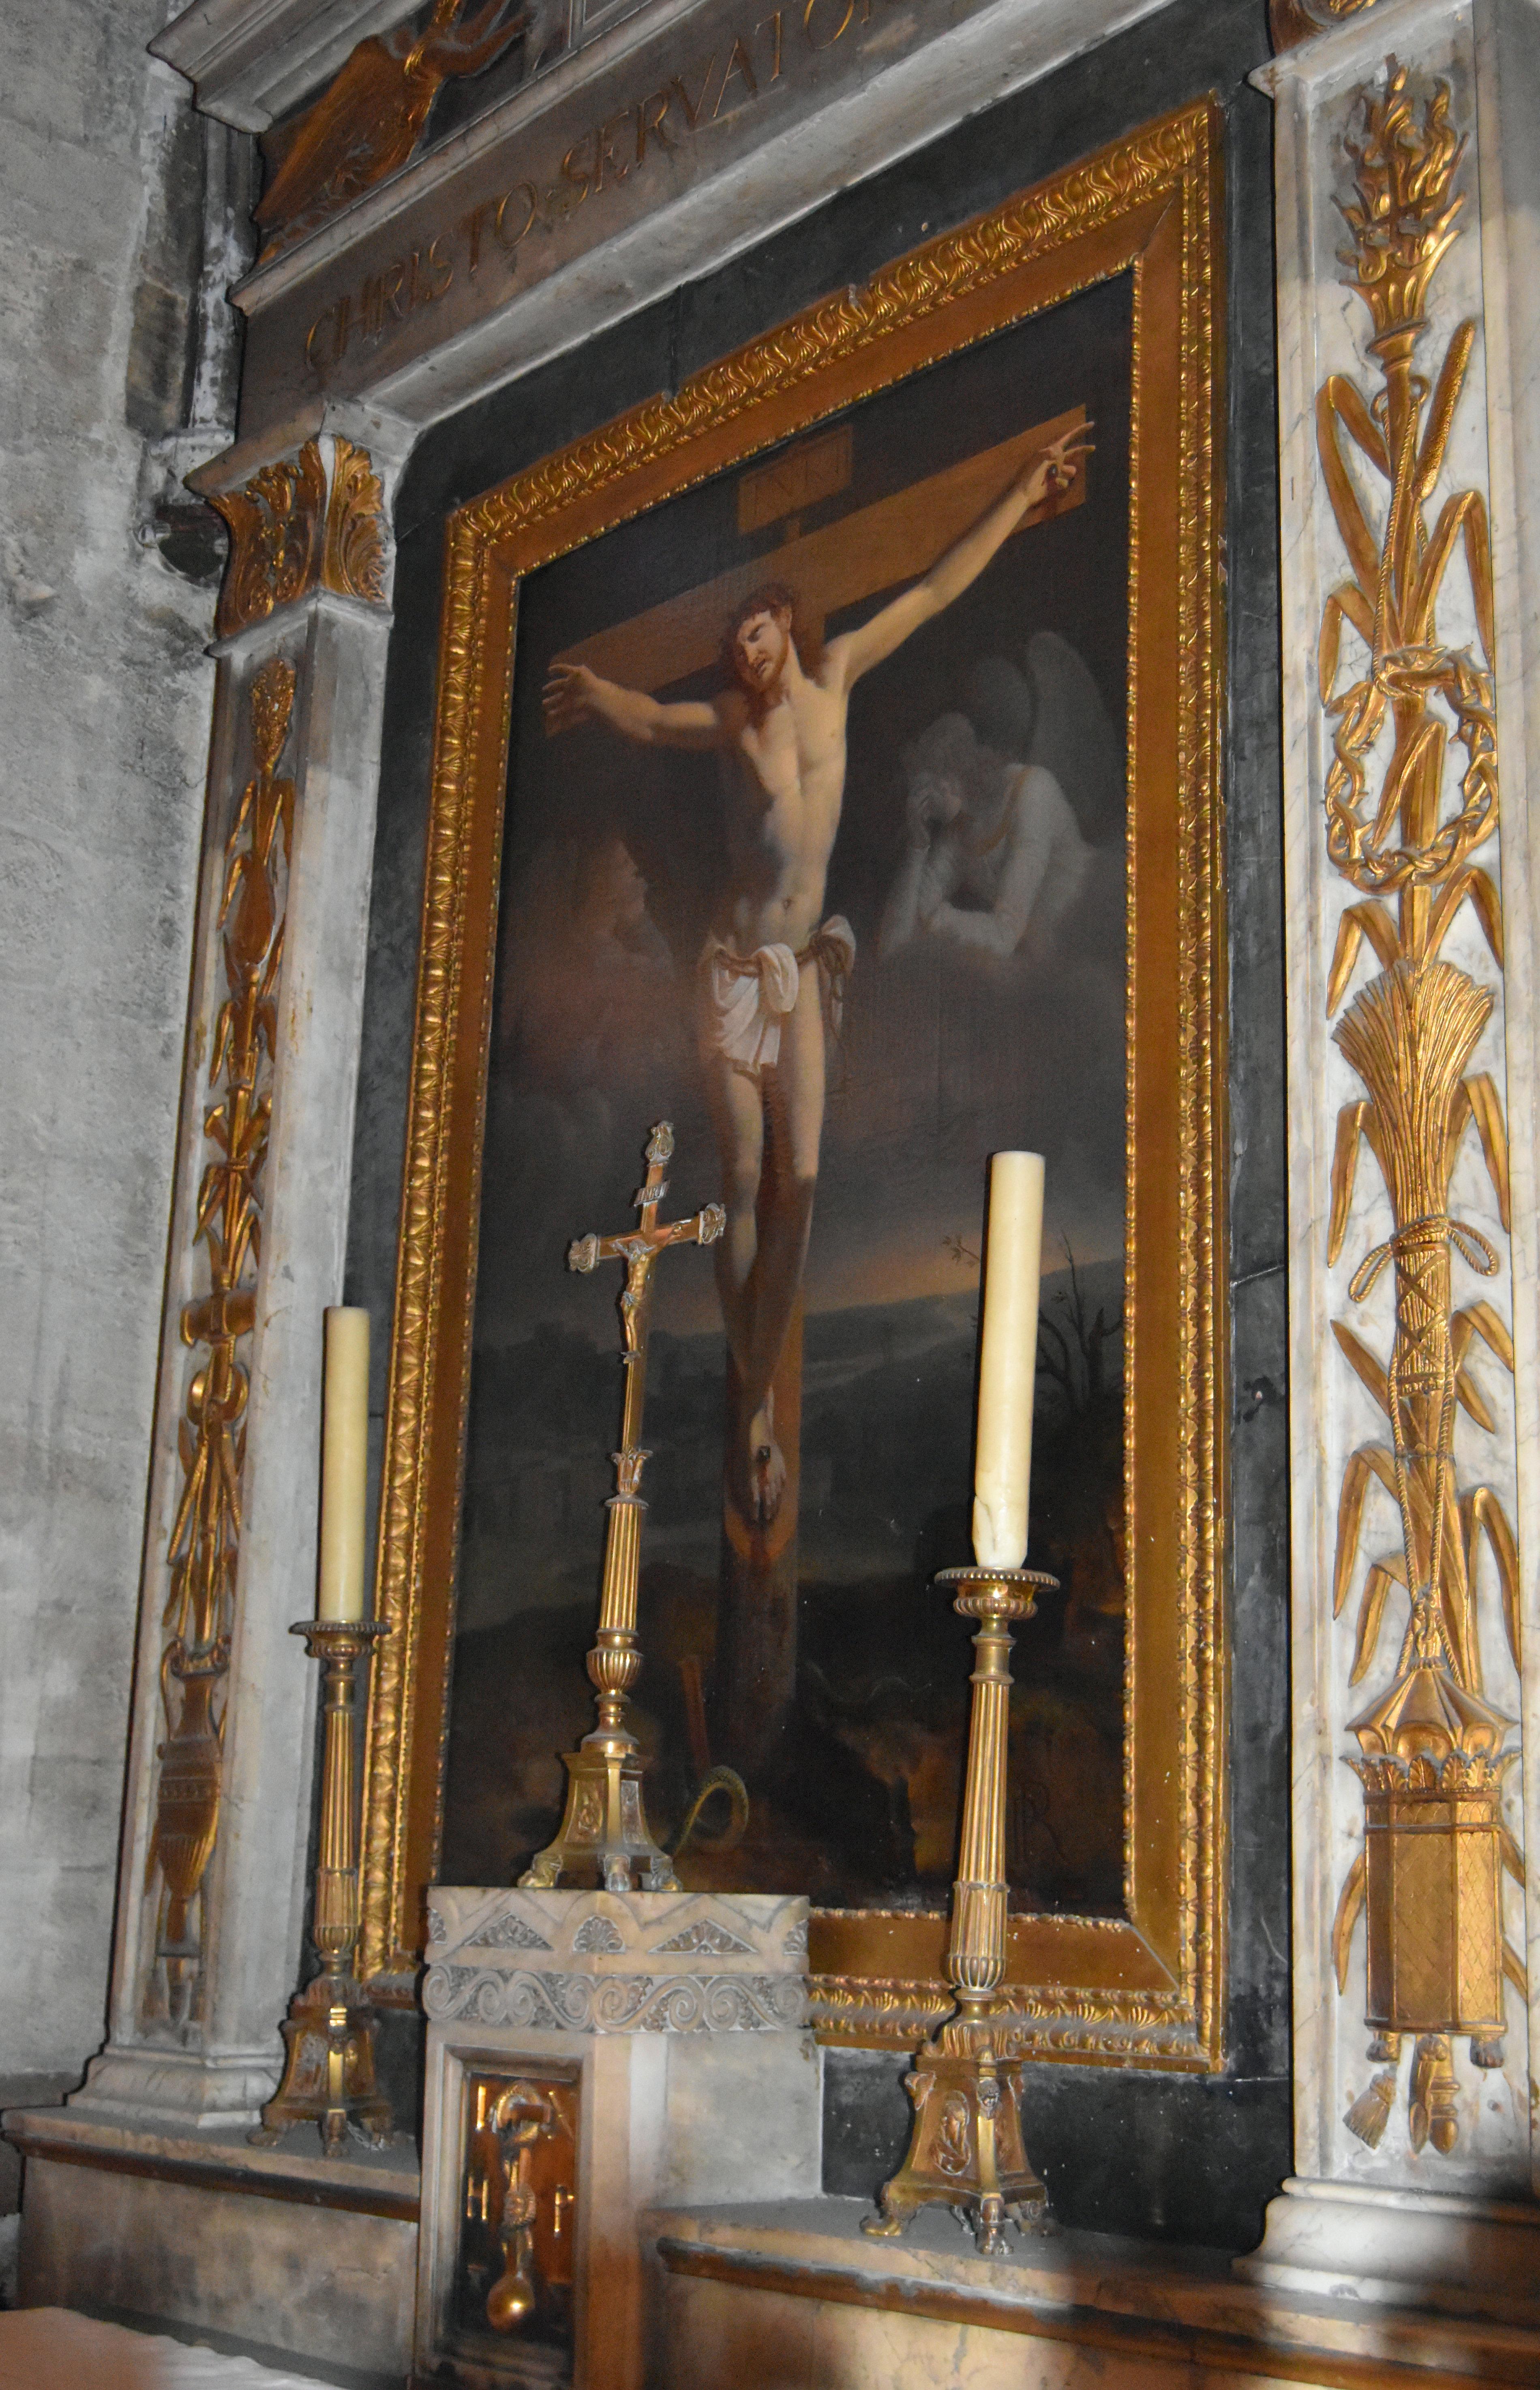 Tableau d'autel et cadre : le Christ en croix